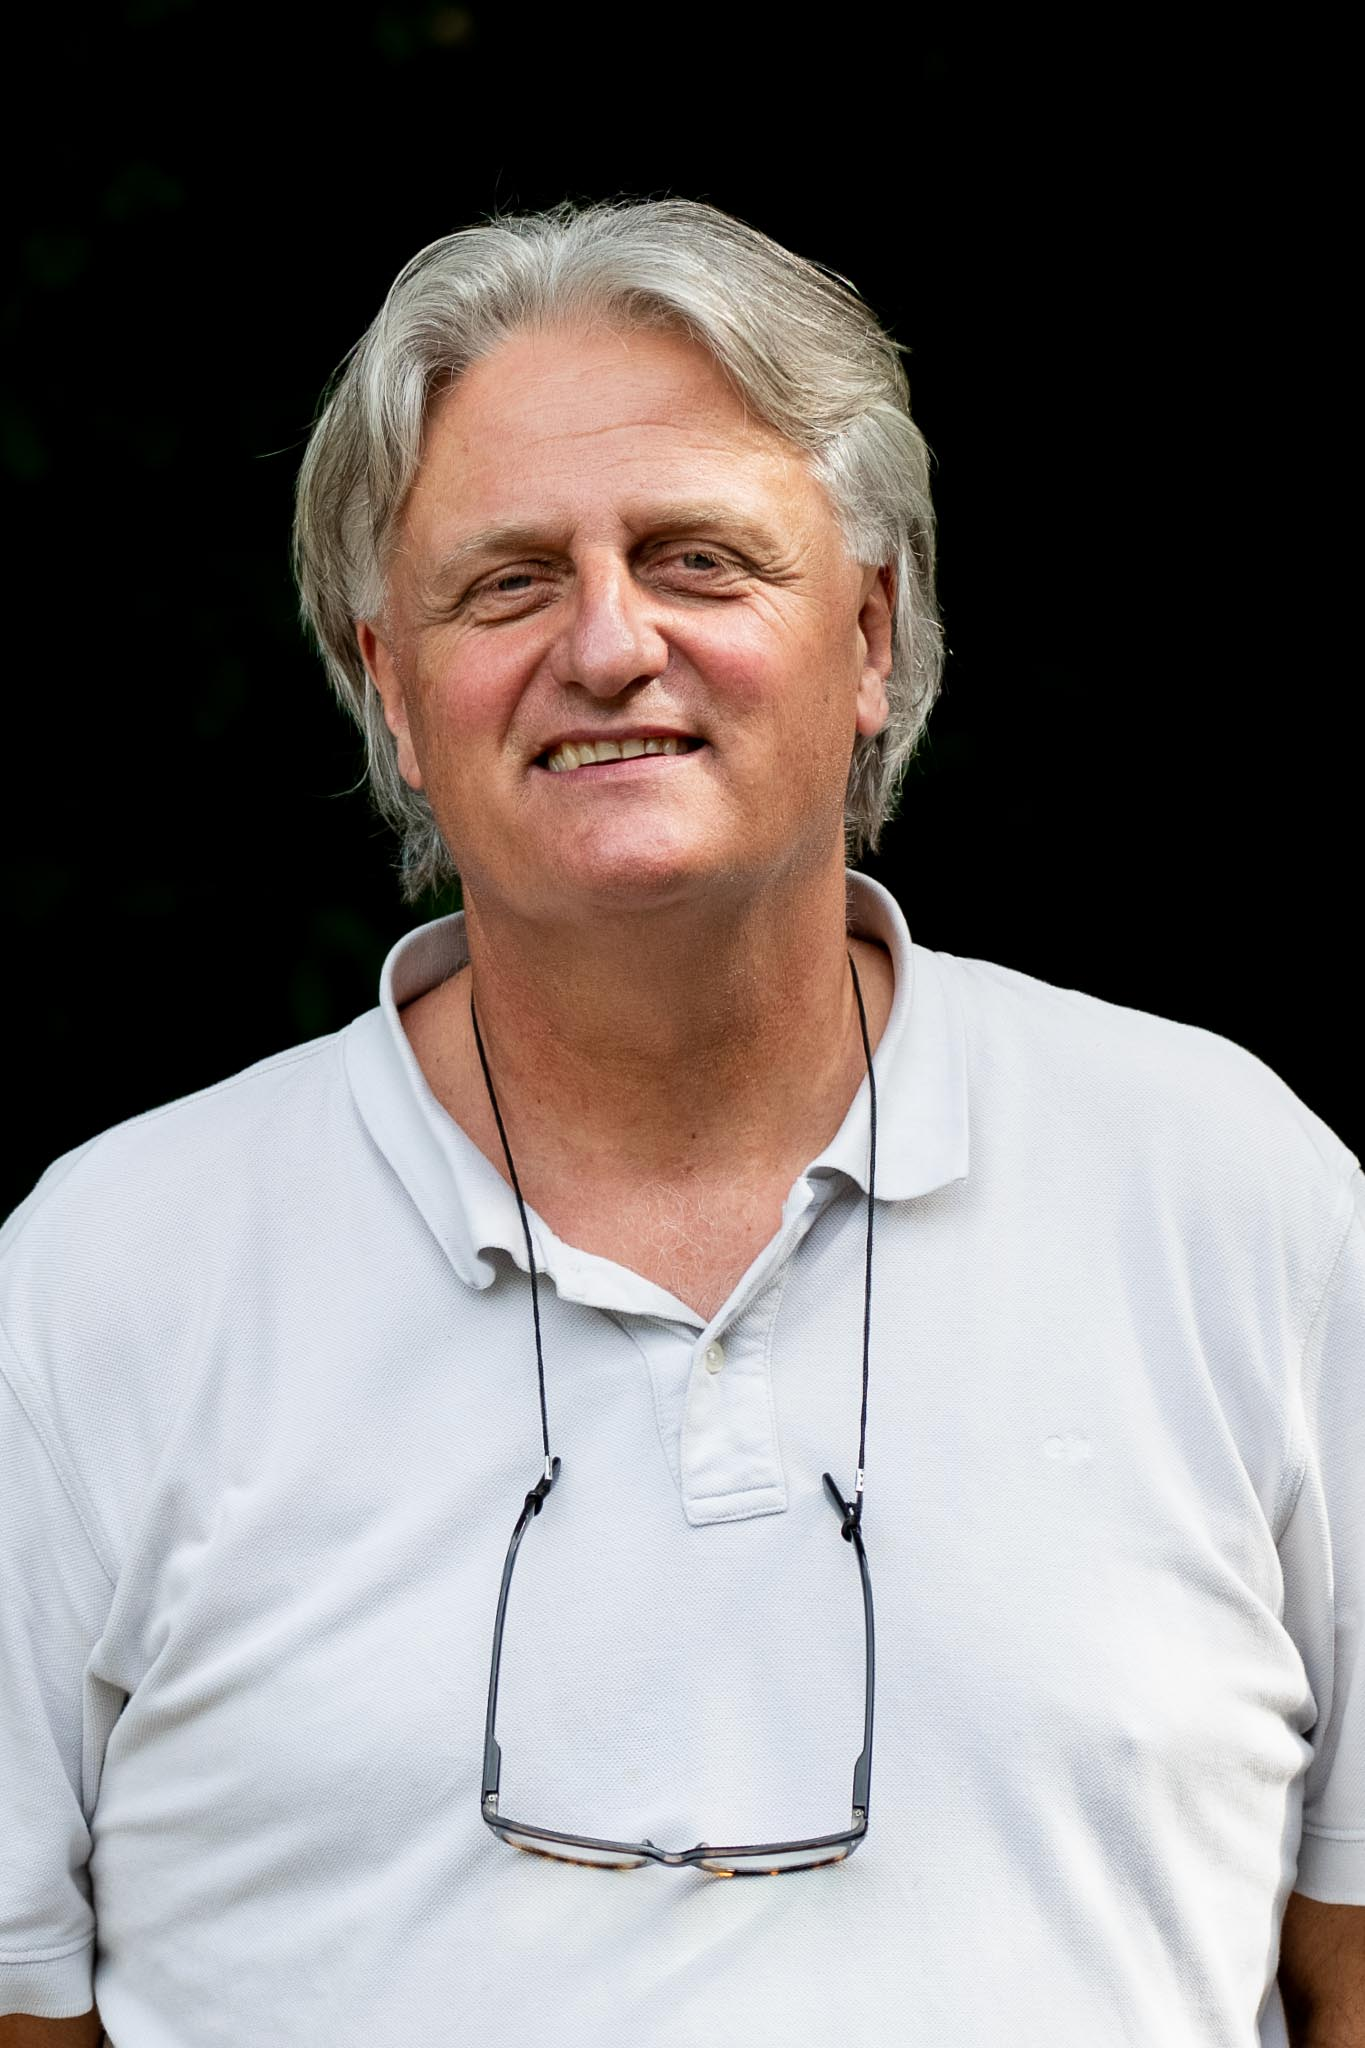 Andreas Kohli (er/ihm)